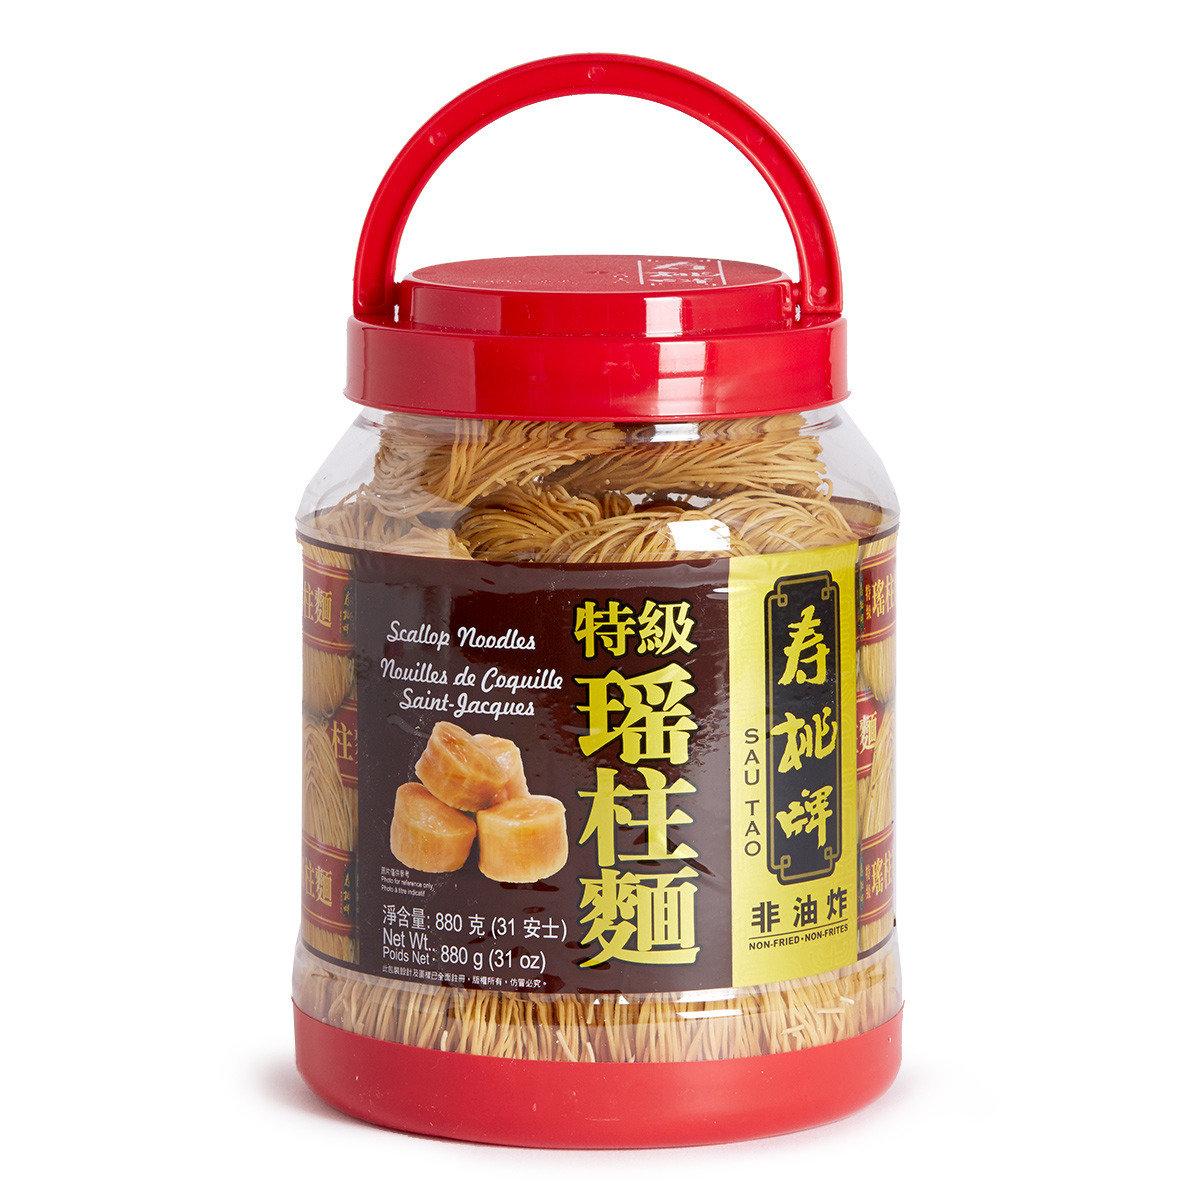 懷舊桶裝特級瑤柱麵